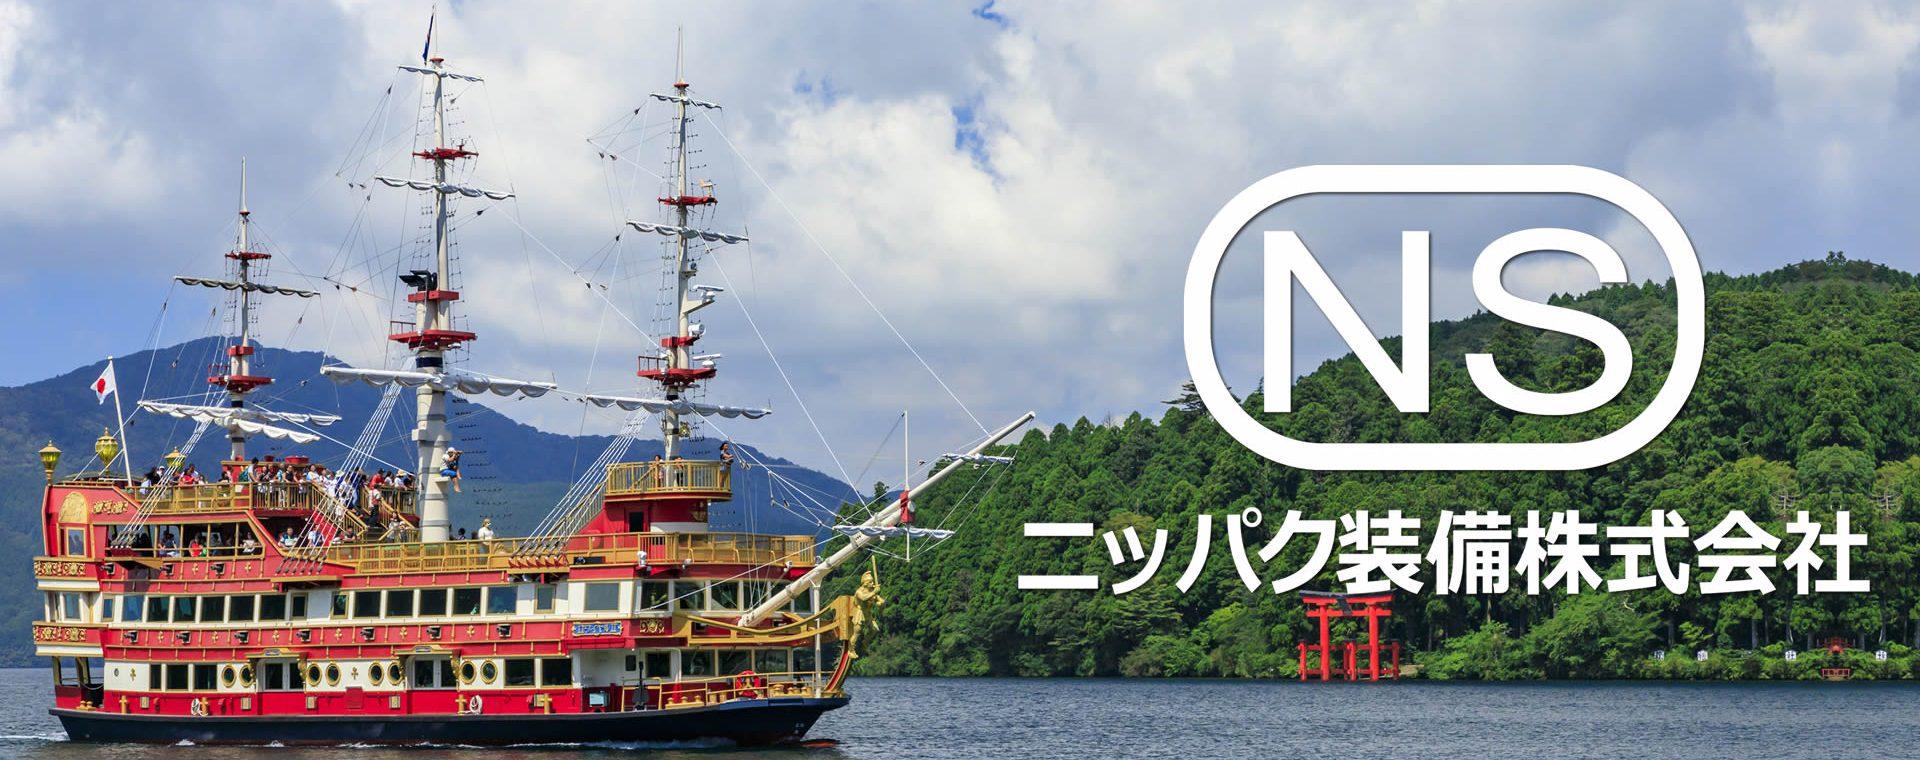 ニッパク装備 株式会社/横浜市鶴見区/船舶全般における居住区の設計・内装工事